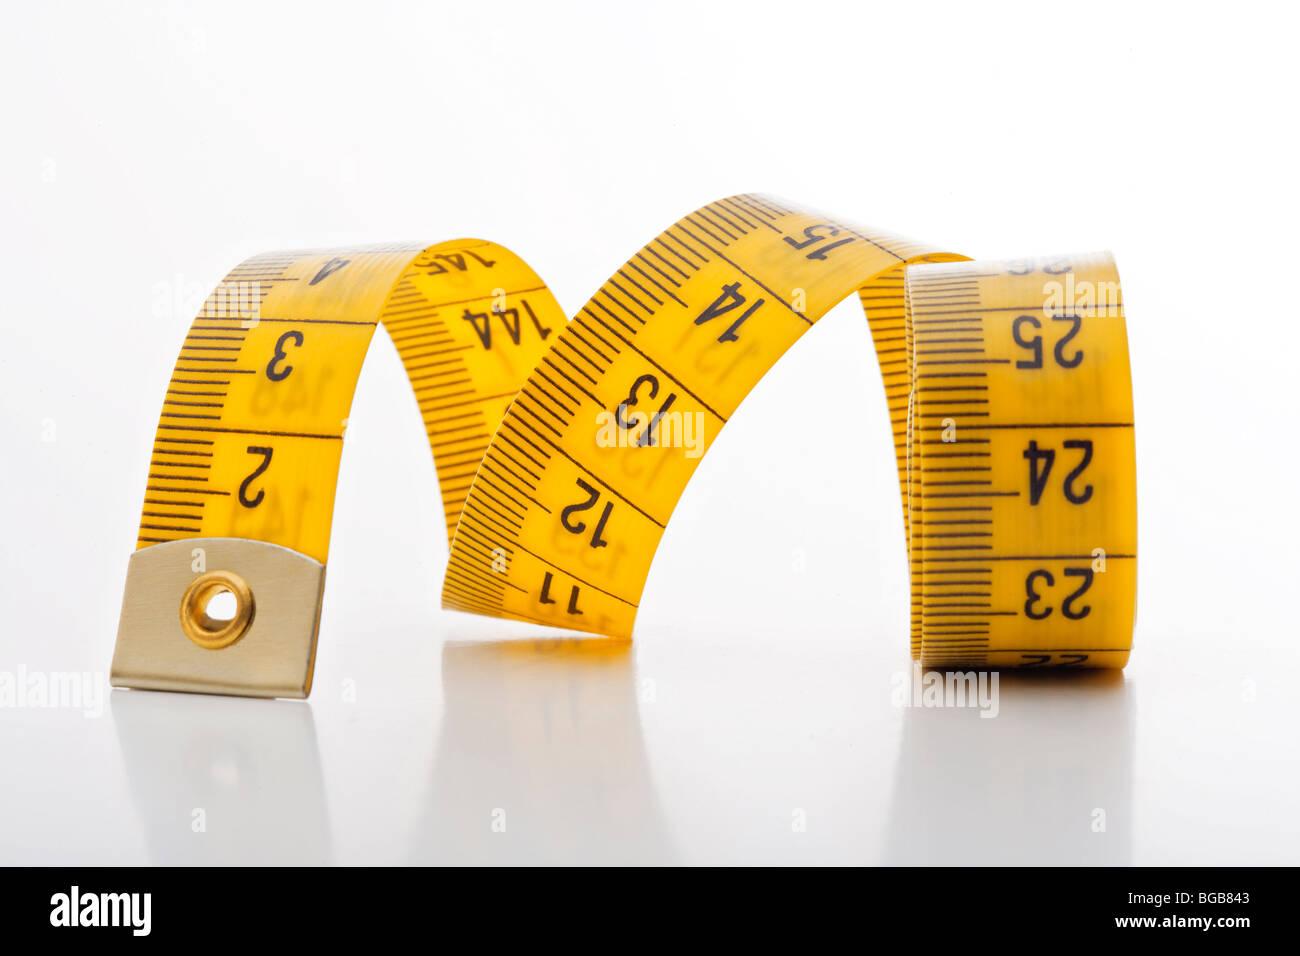 La dieta - giallo nastro di misurazione isolata su sfondo bianco Immagini Stock